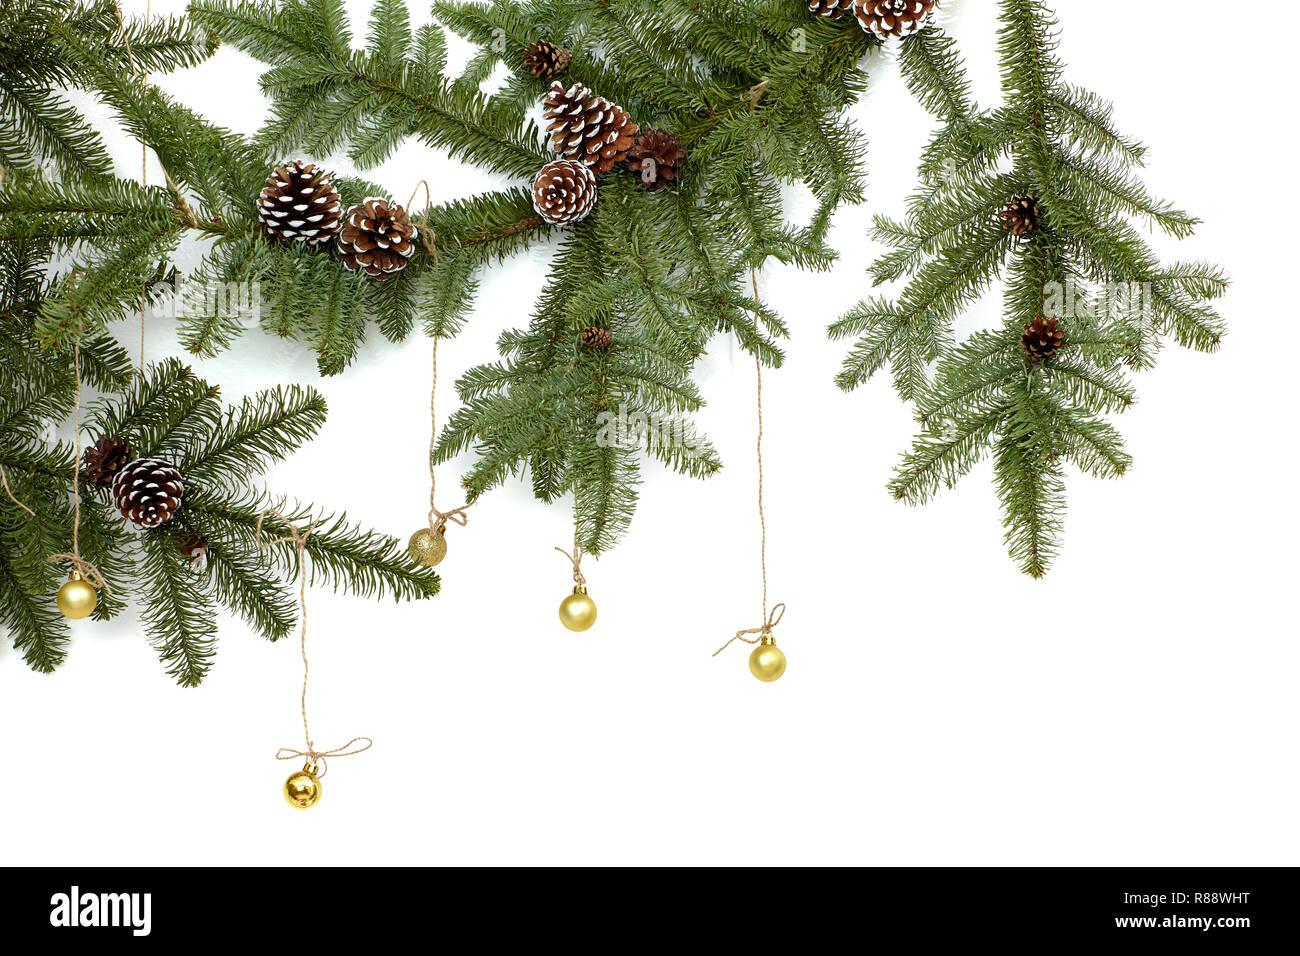 Weihnachtsbilder Tannenzweig.Fir Tree Border Stock Photos Fir Tree Border Stock Images Alamy